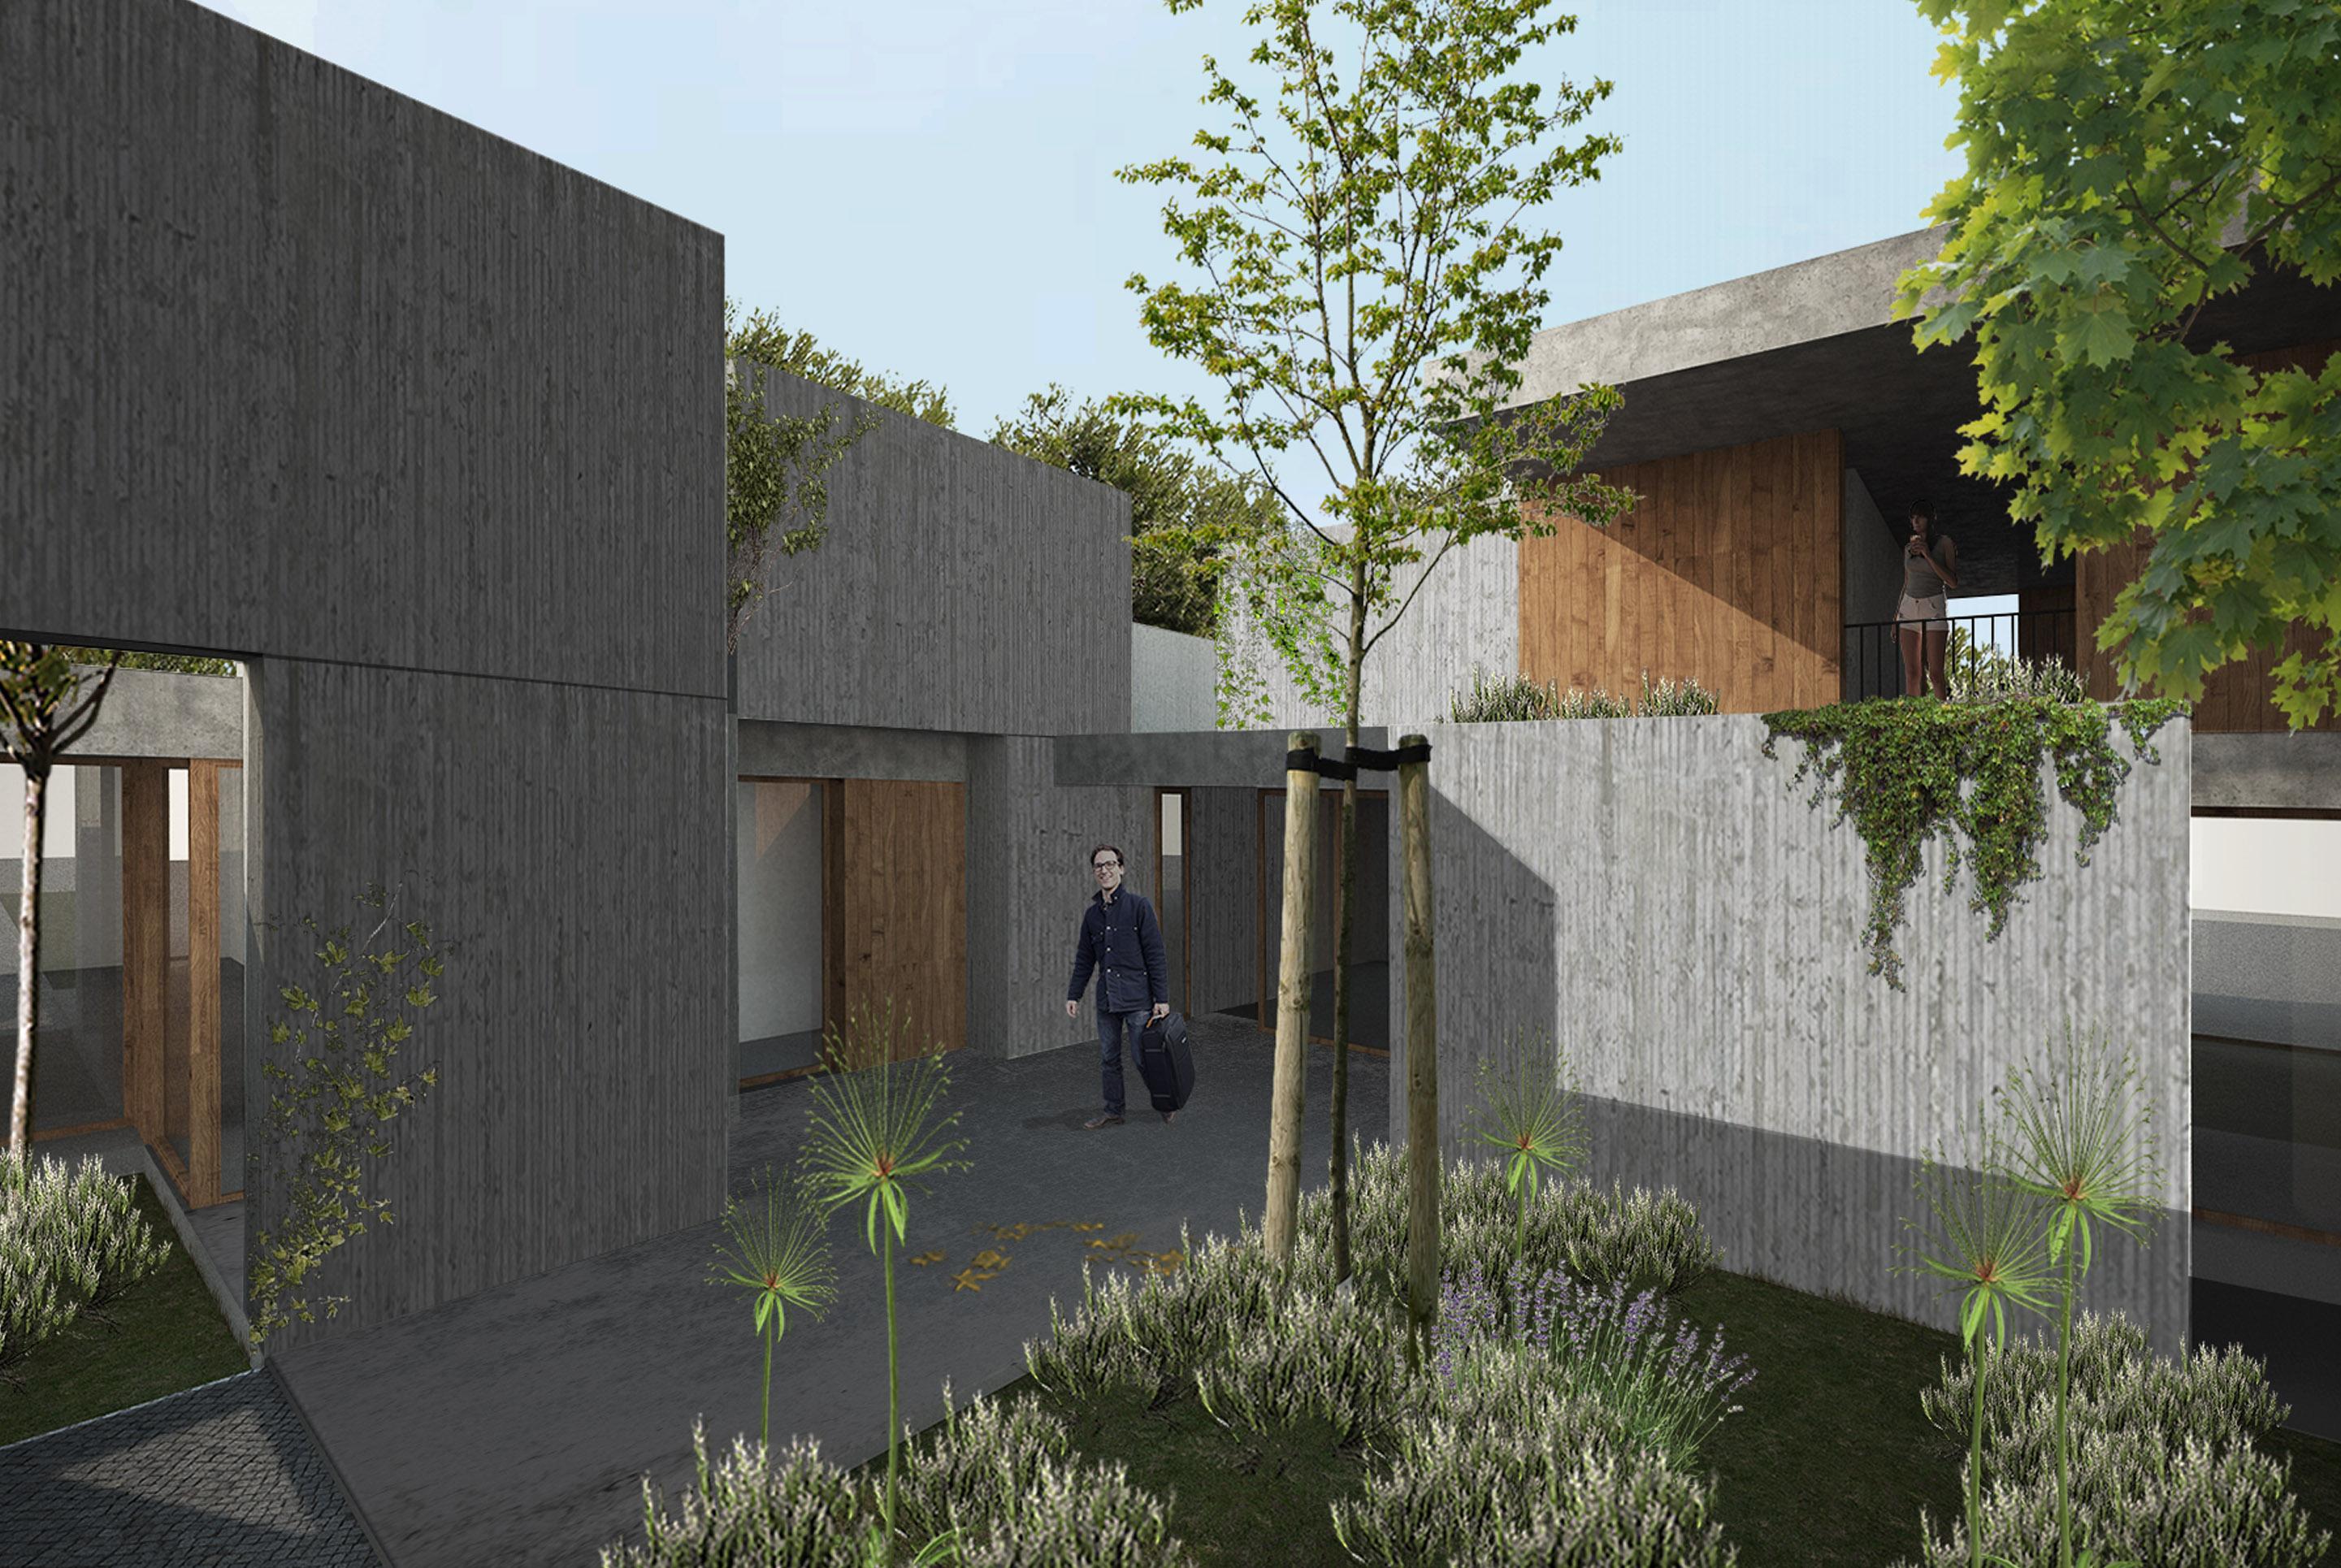 Arquitectura Arquitetura Arquitecto Arquiteto Architecture Architect House Housing concrete betão wood madeira ecoturismo ecoresort eco hotel rural Alenquer restaurante restaurant bar